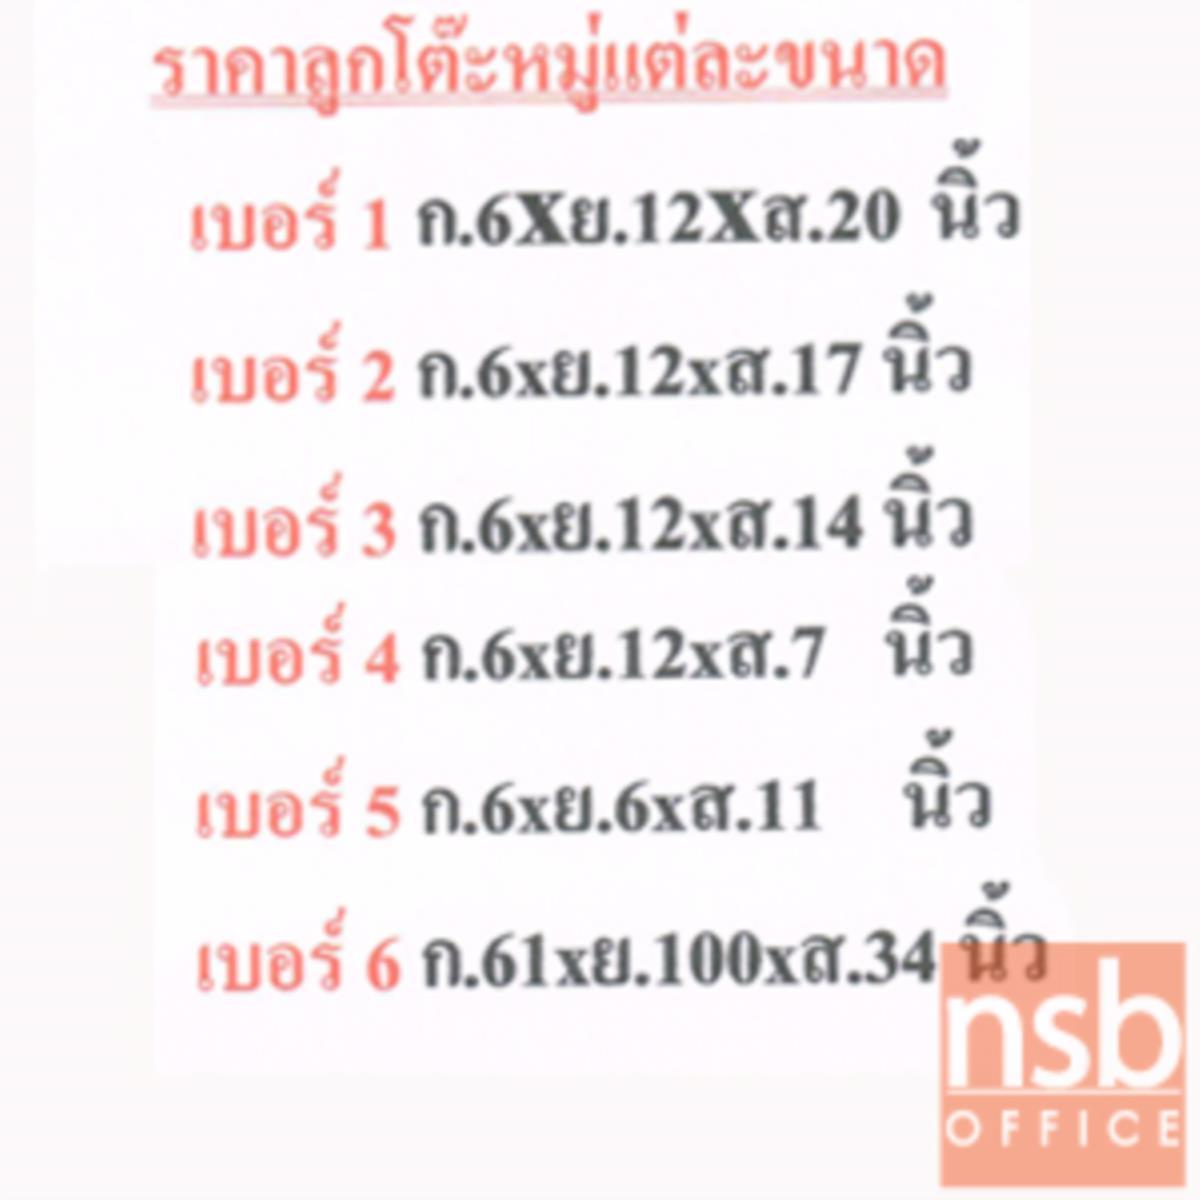 โต๊ะหมู่บูชาหมู่ 7 หน้า 6 นิ้ว รุ่น NT-1007